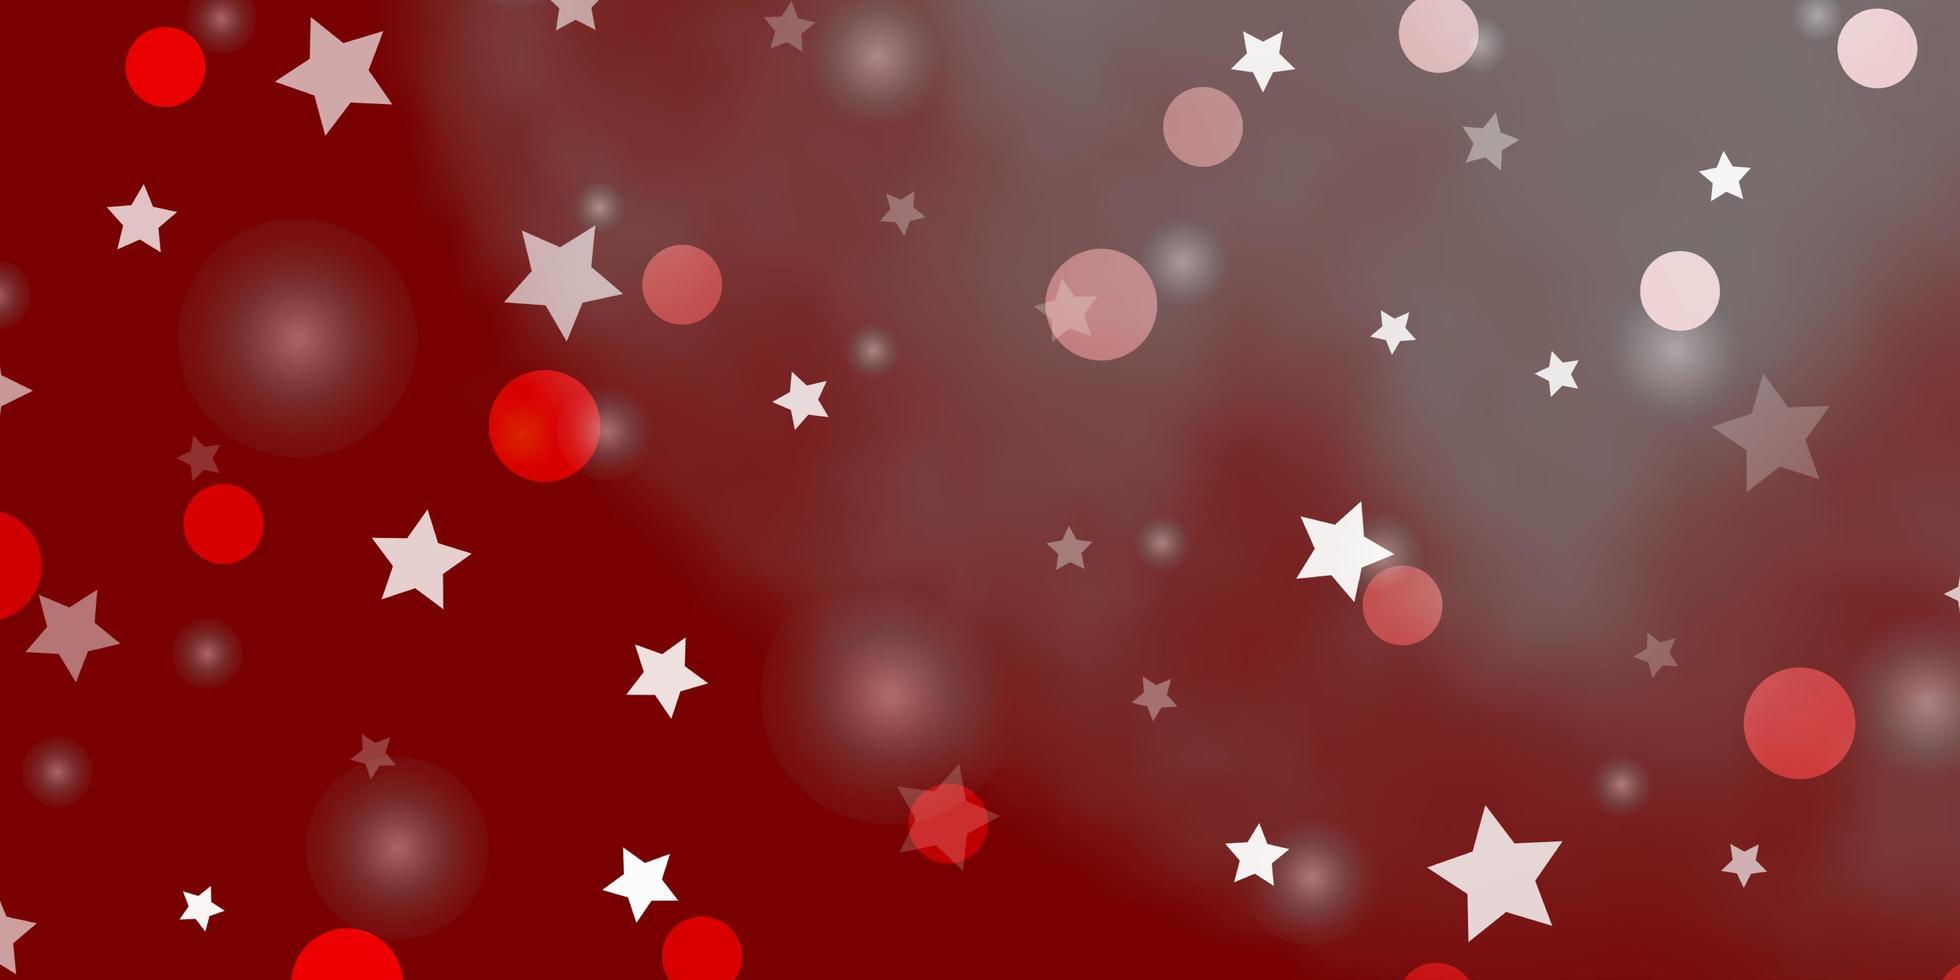 Fondo de vector rojo claro con círculos, estrellas.